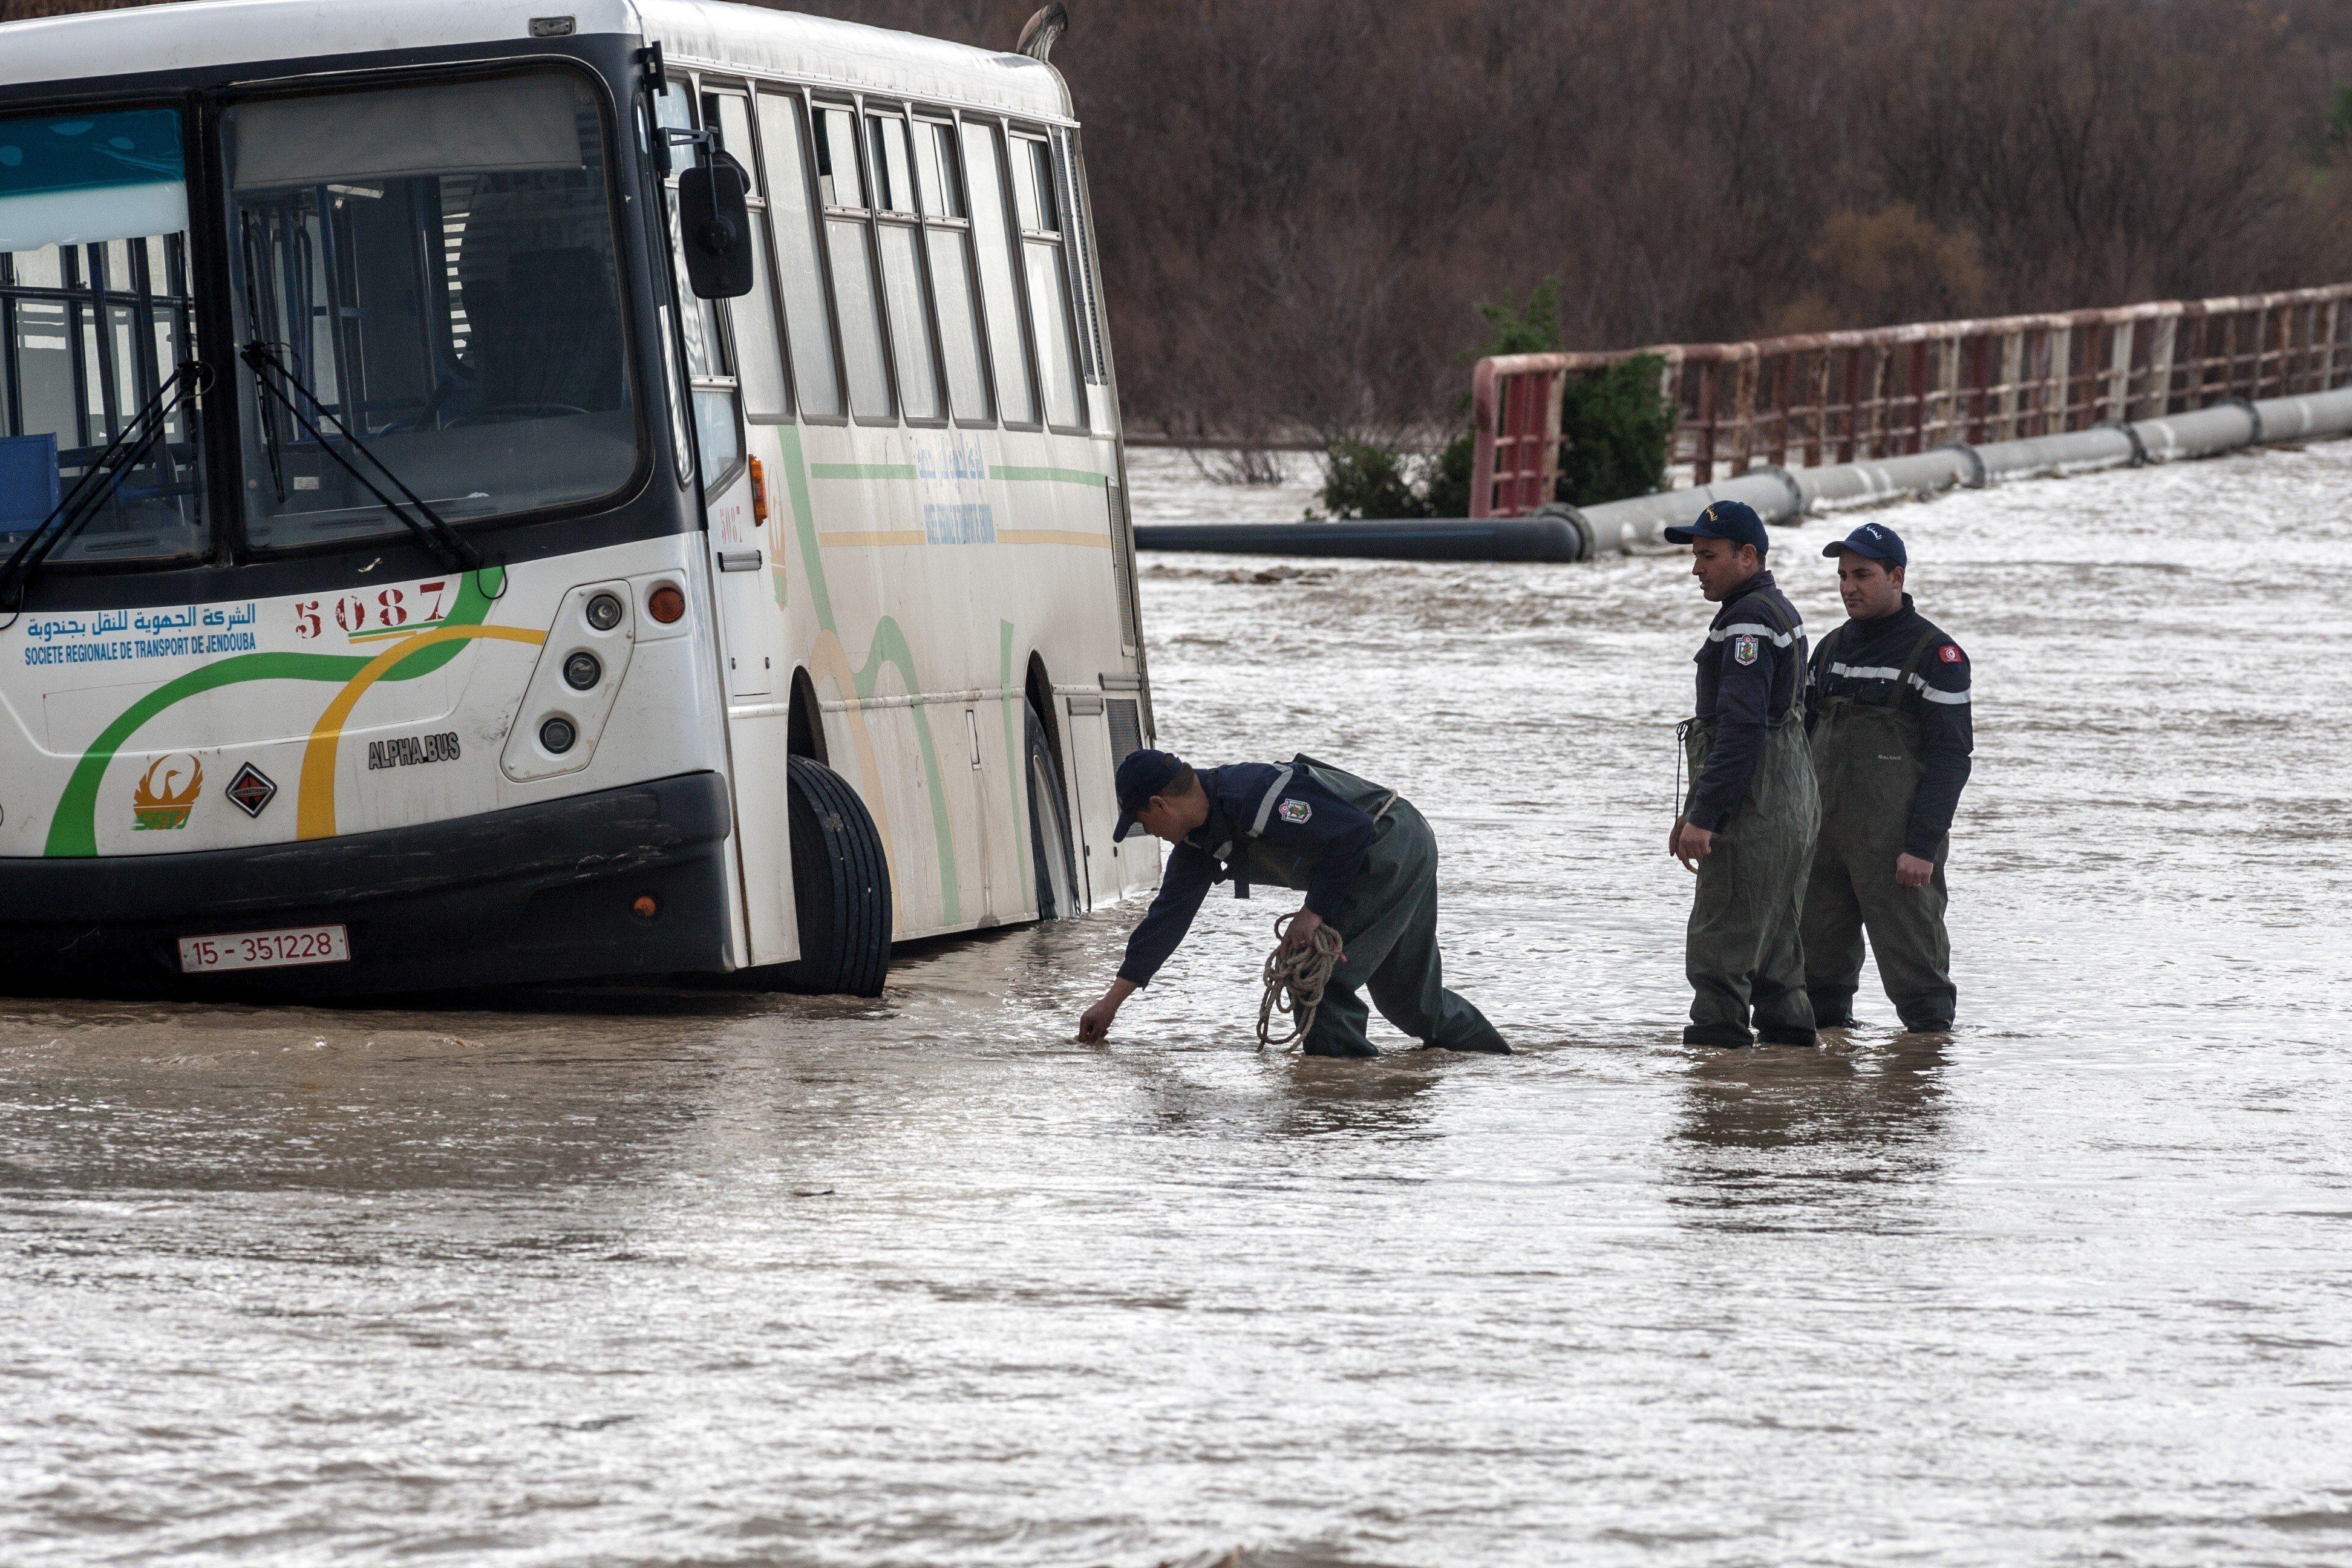 Jendouba : 61 maisons inondées, des dizaines d'habitants